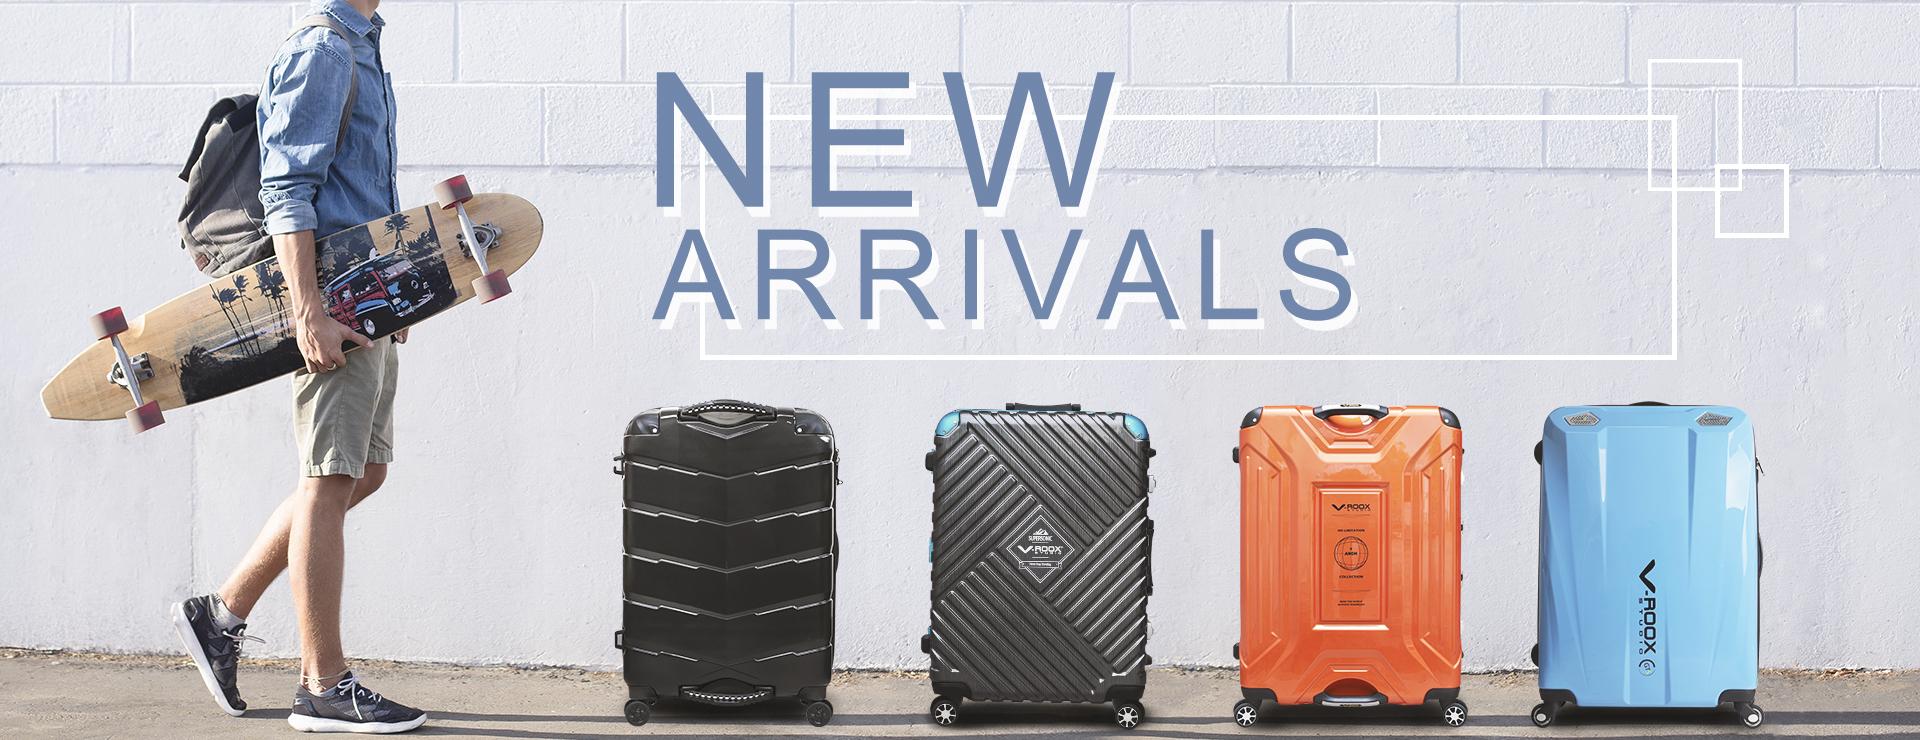 新品上市,GripMaster,V-ROOX,最新,新品,SKYROVER,輕,行李箱,功能性,,,,,